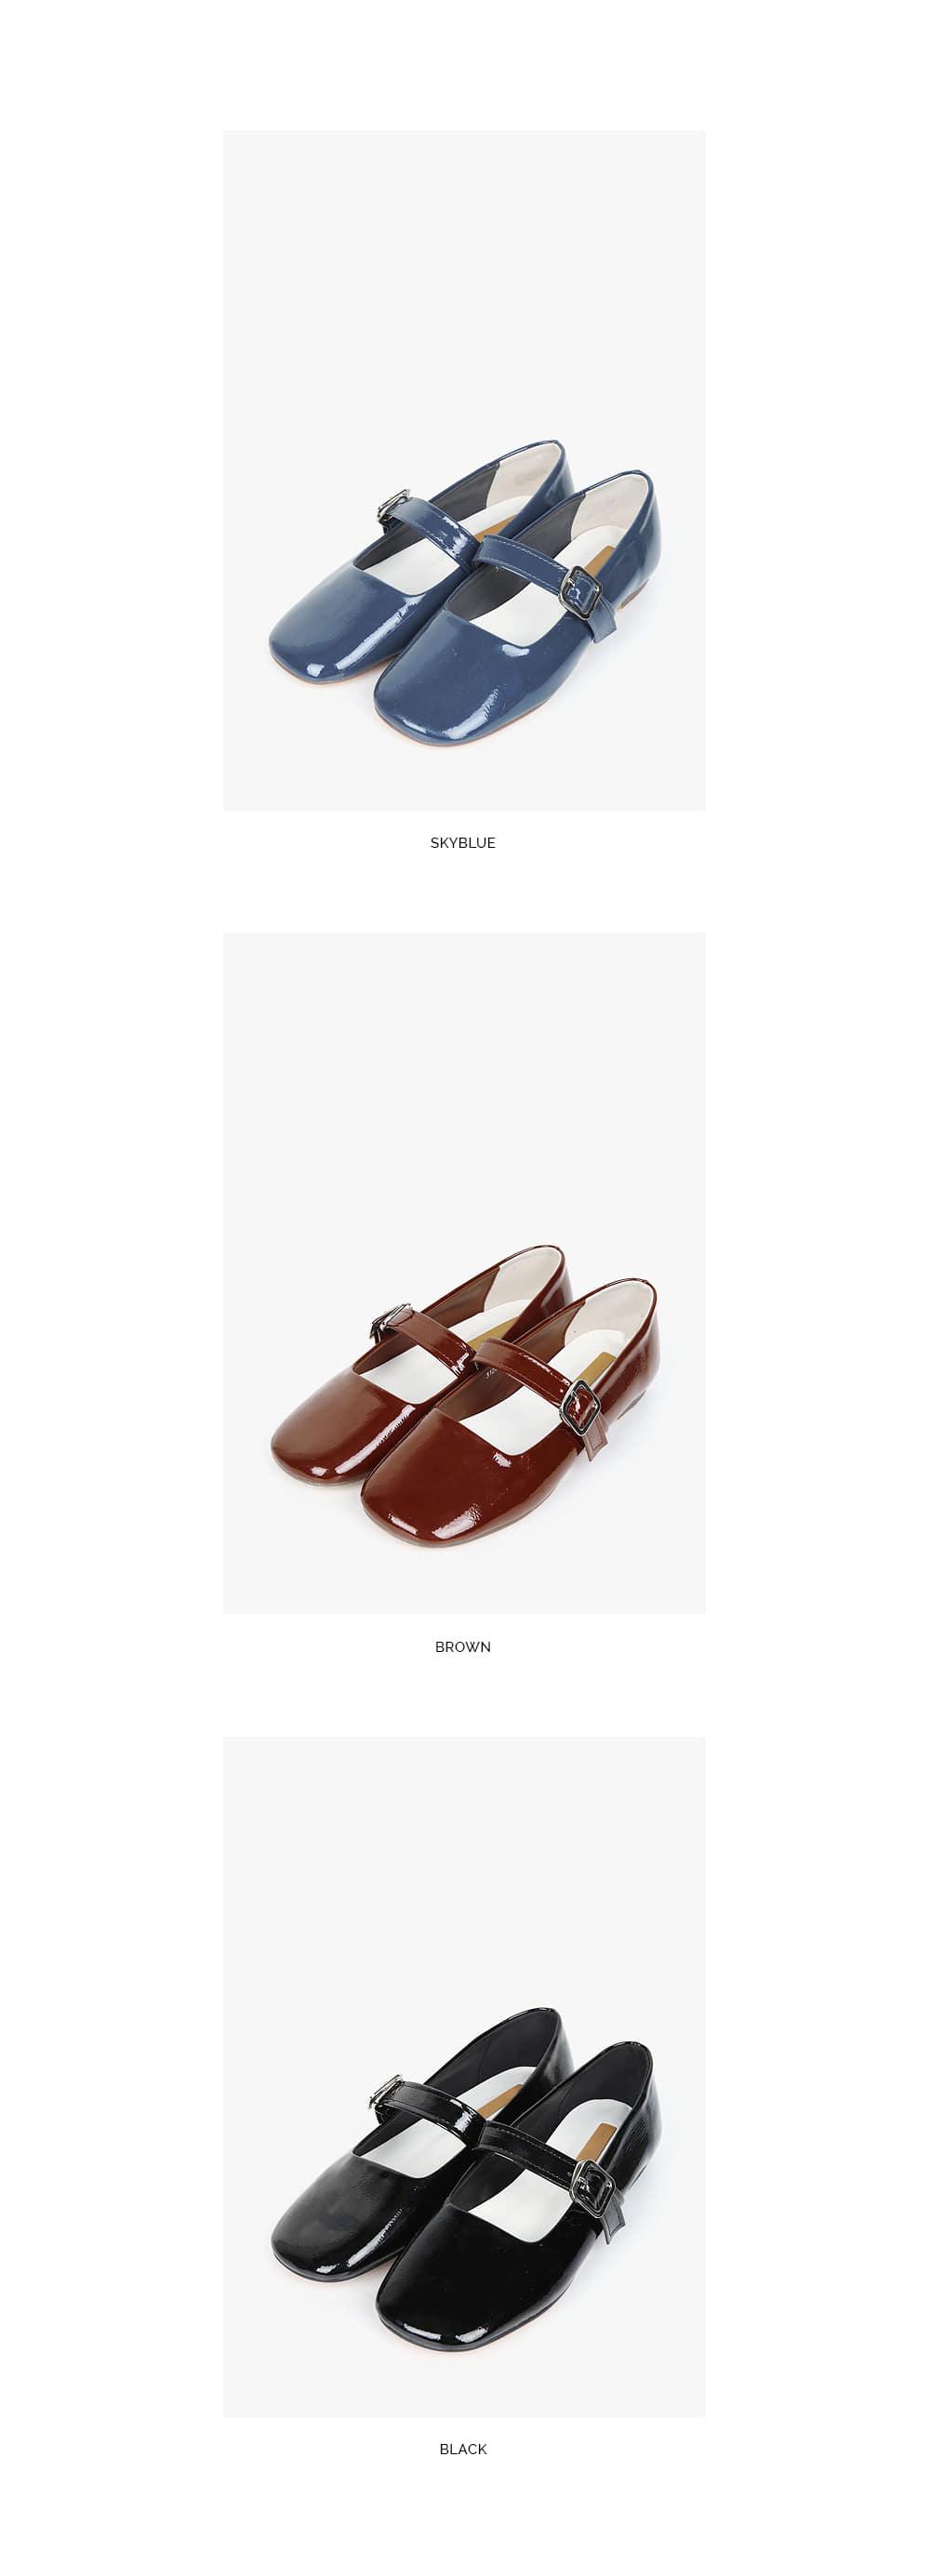 try enamel flat shoes (230-250)